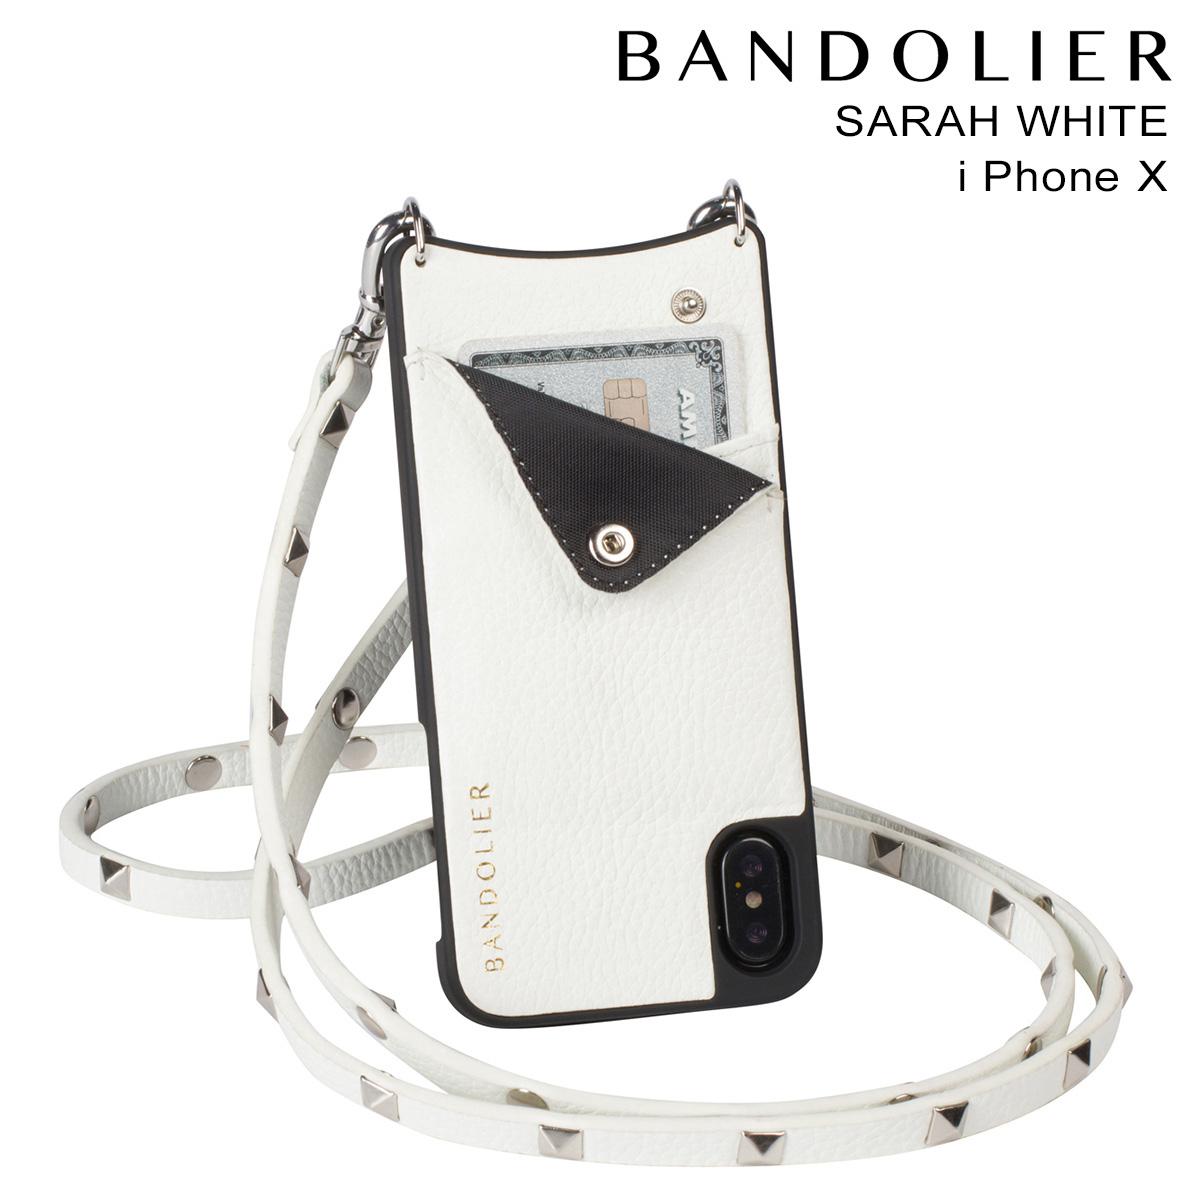 【最大2000円OFFクーポン配布】 BANDOLIER バンドリヤー iPhoneX ケース スマホ アイフォン SARAH WHITE レザー メンズ レディース [9/14 再入荷]